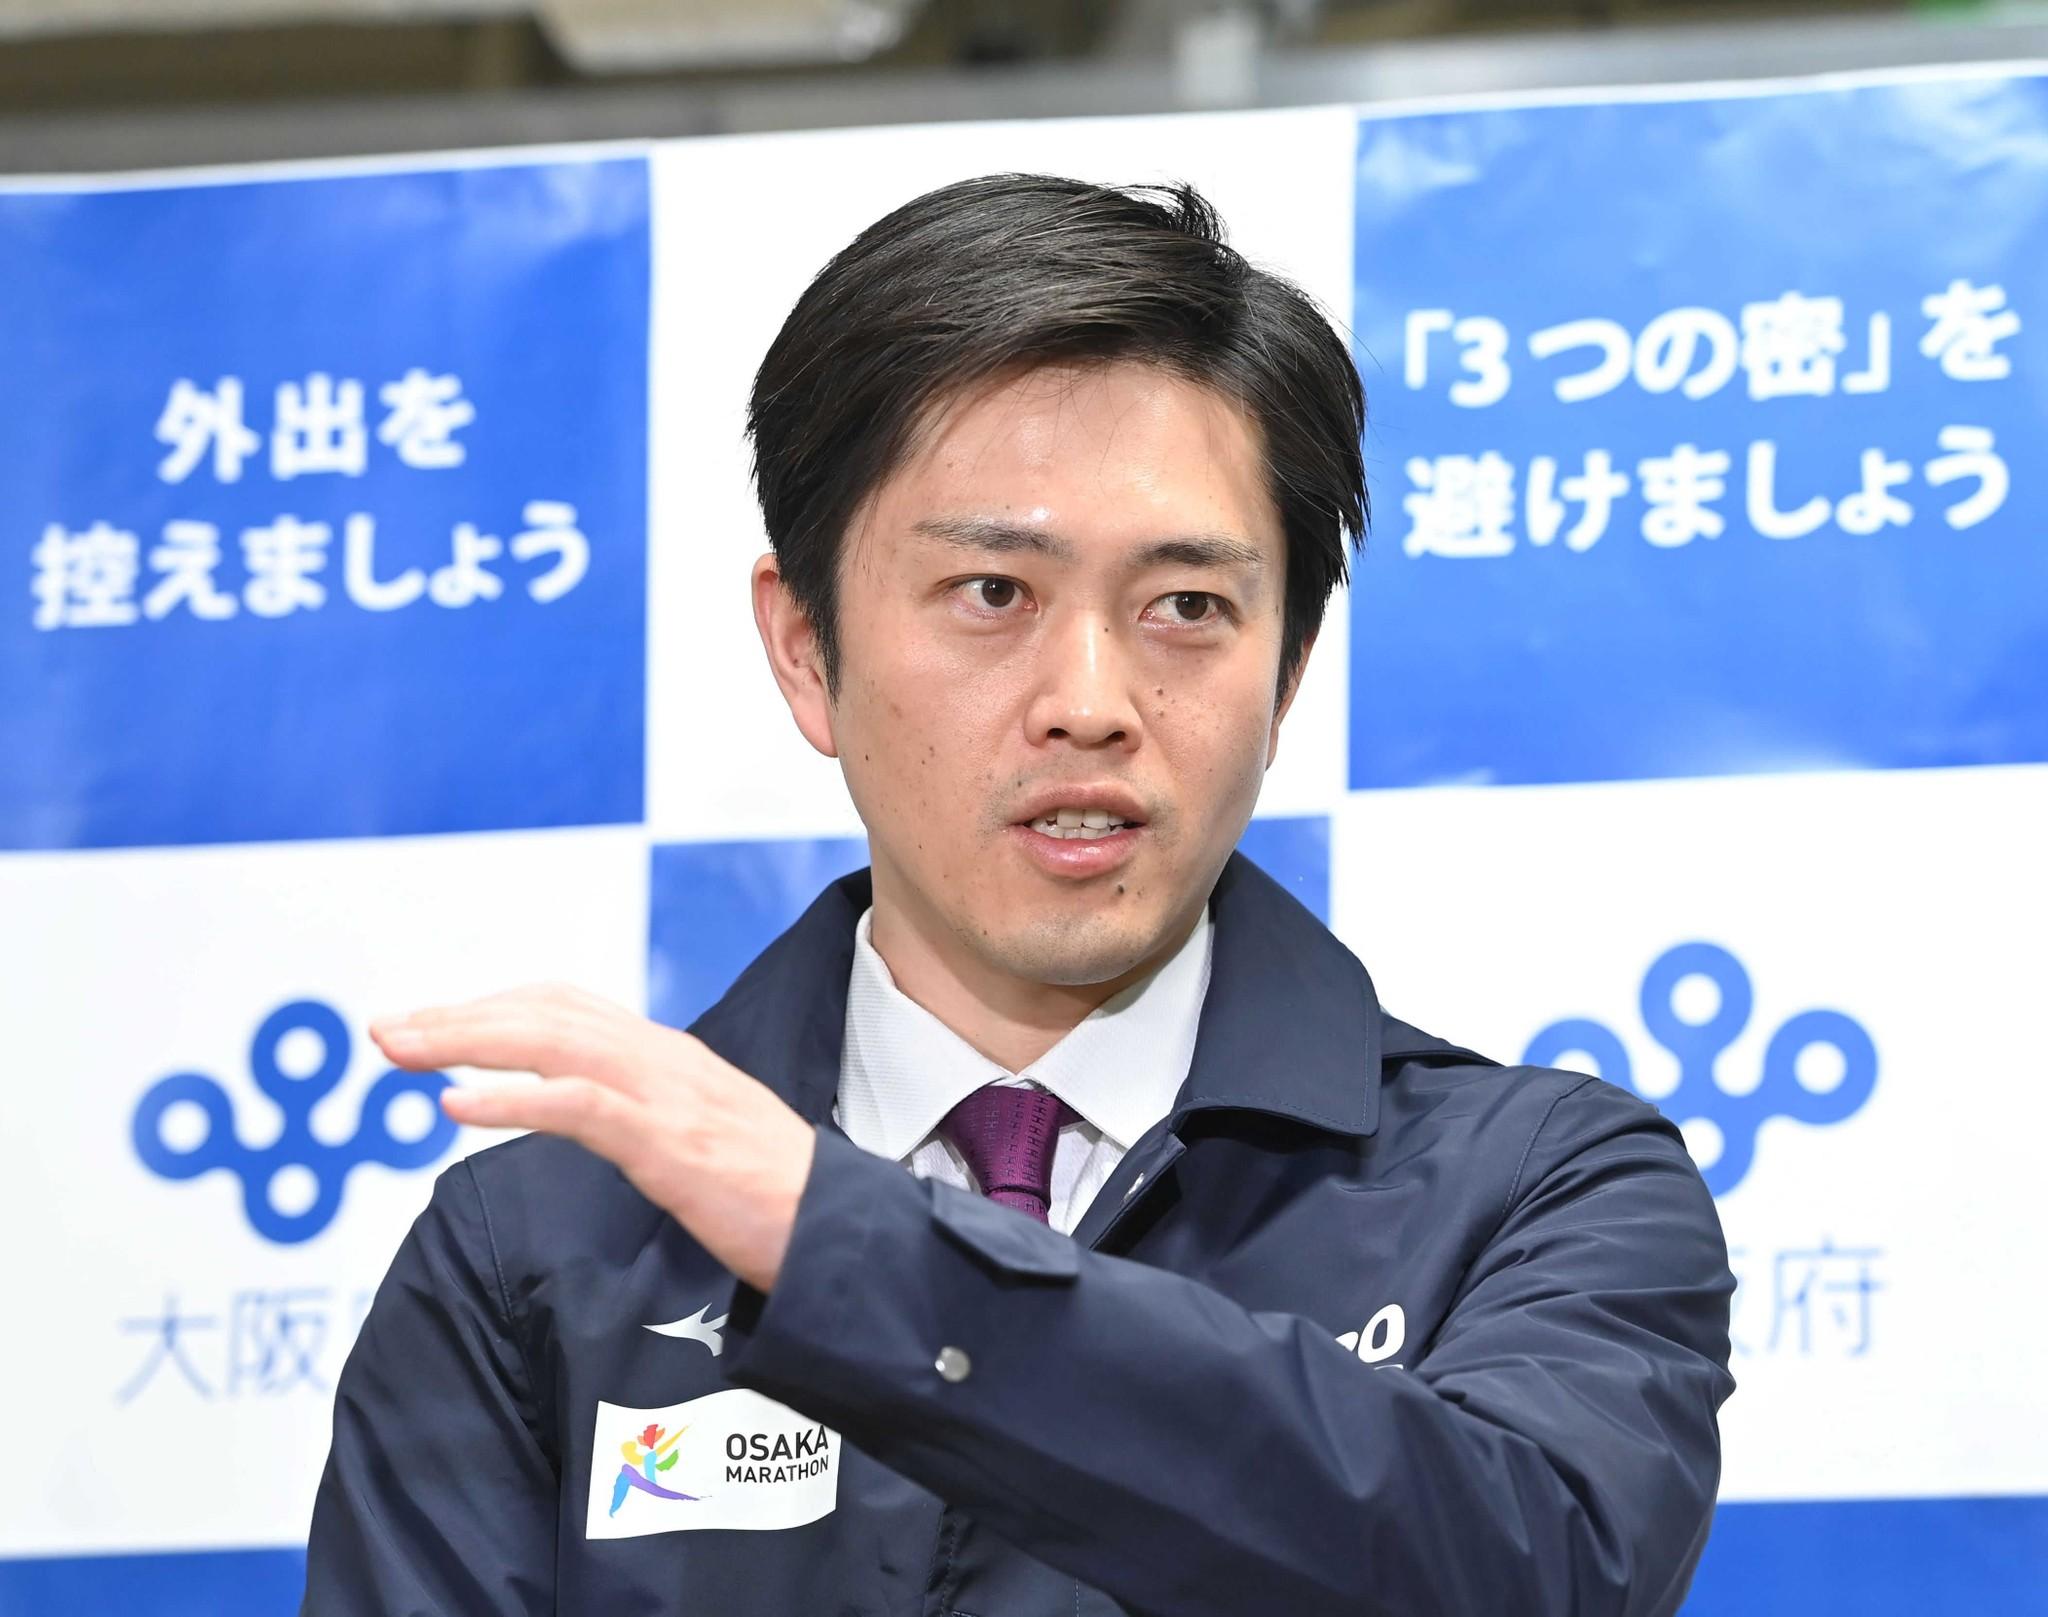 知事 イケメン 北海道